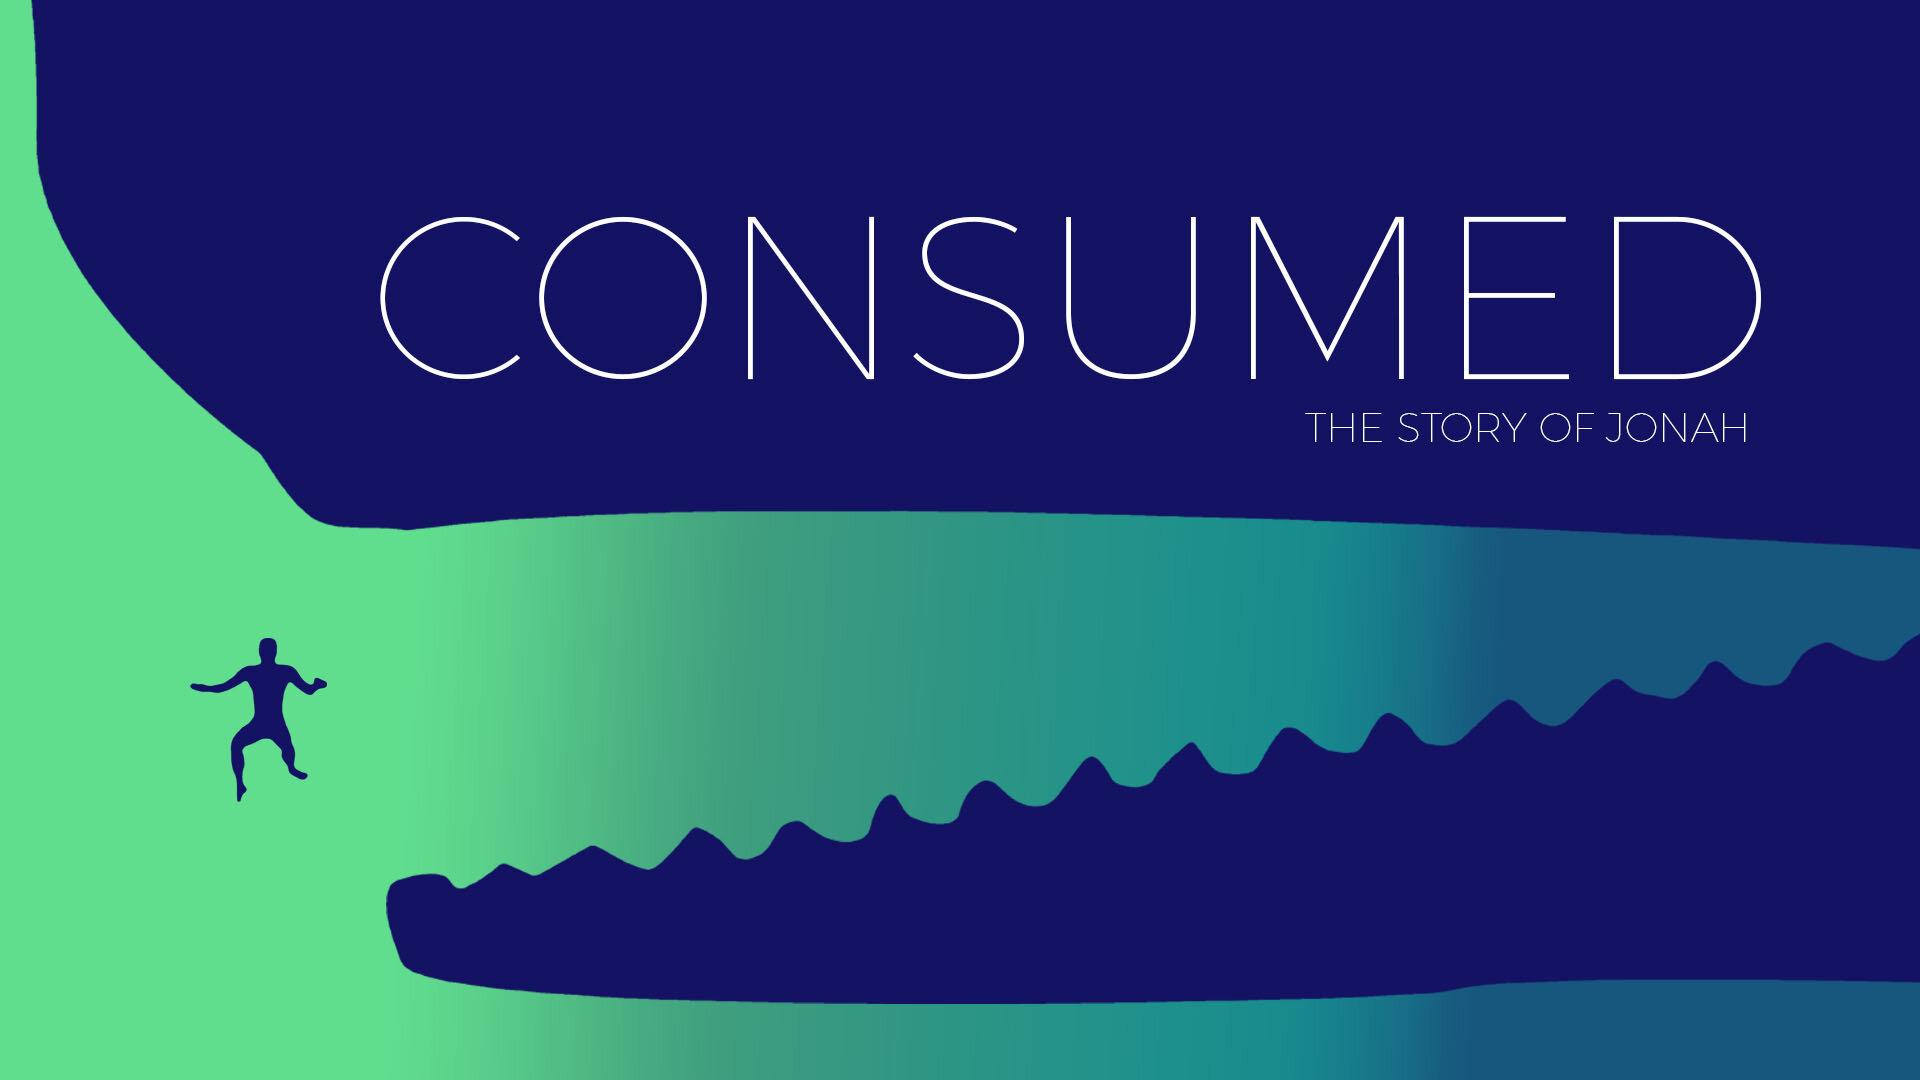 Consumed - Jonah (Title slide).jpg